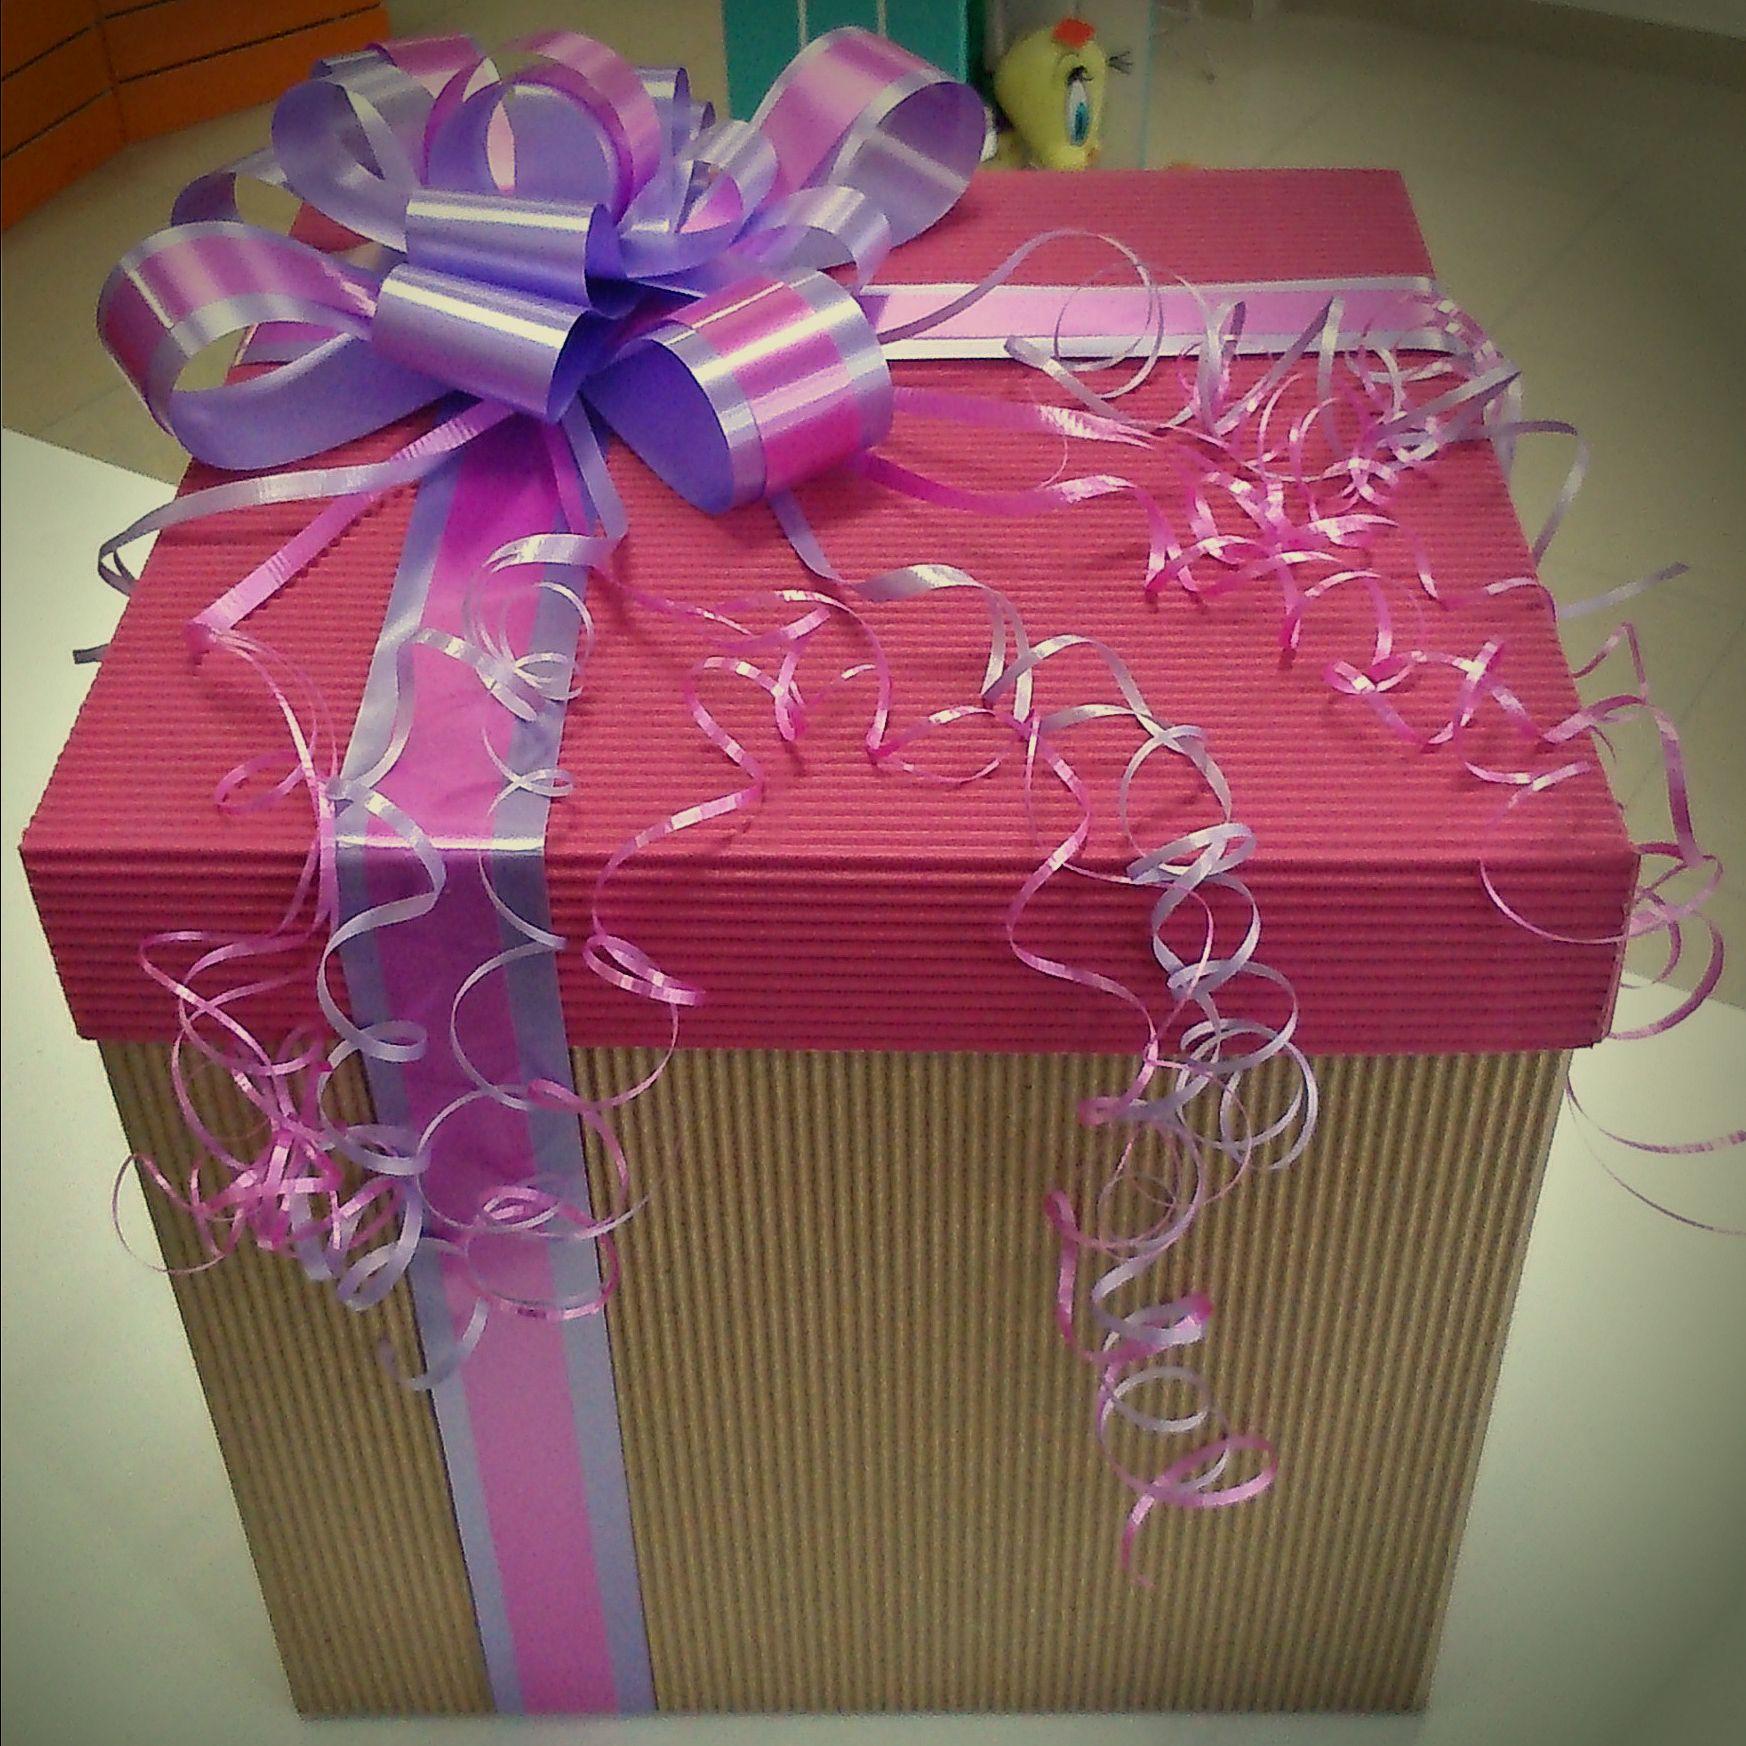 Caja Rosa Para Regalo Arreglada Para Dama Hacer Cajas De Regalo Cajas De Regalo Decoradas Cajas De Regalo